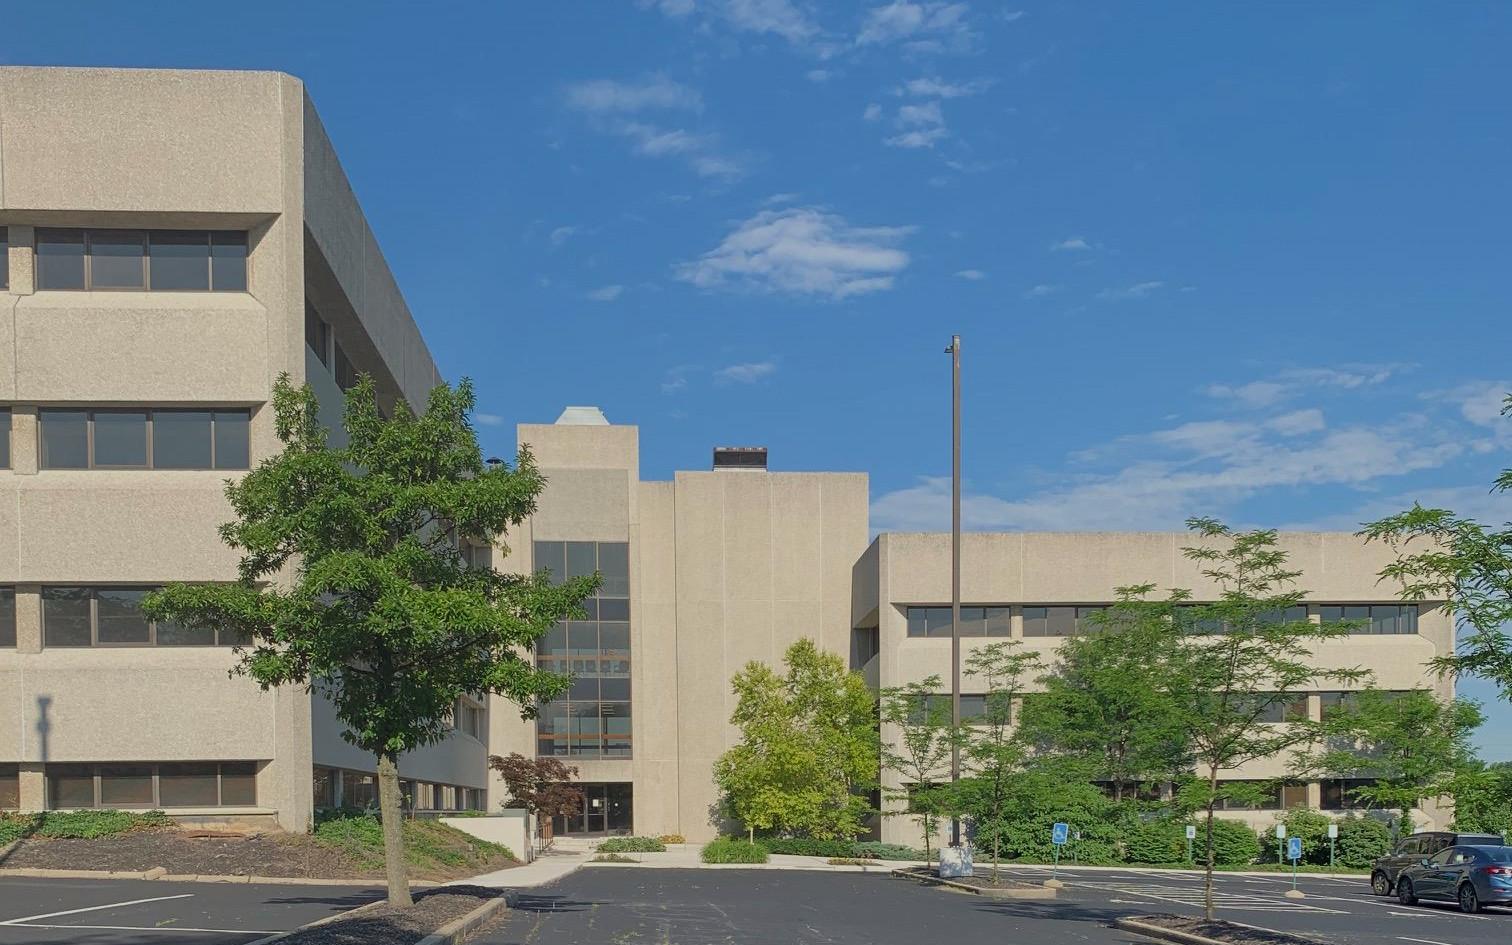 VSC Building View #2